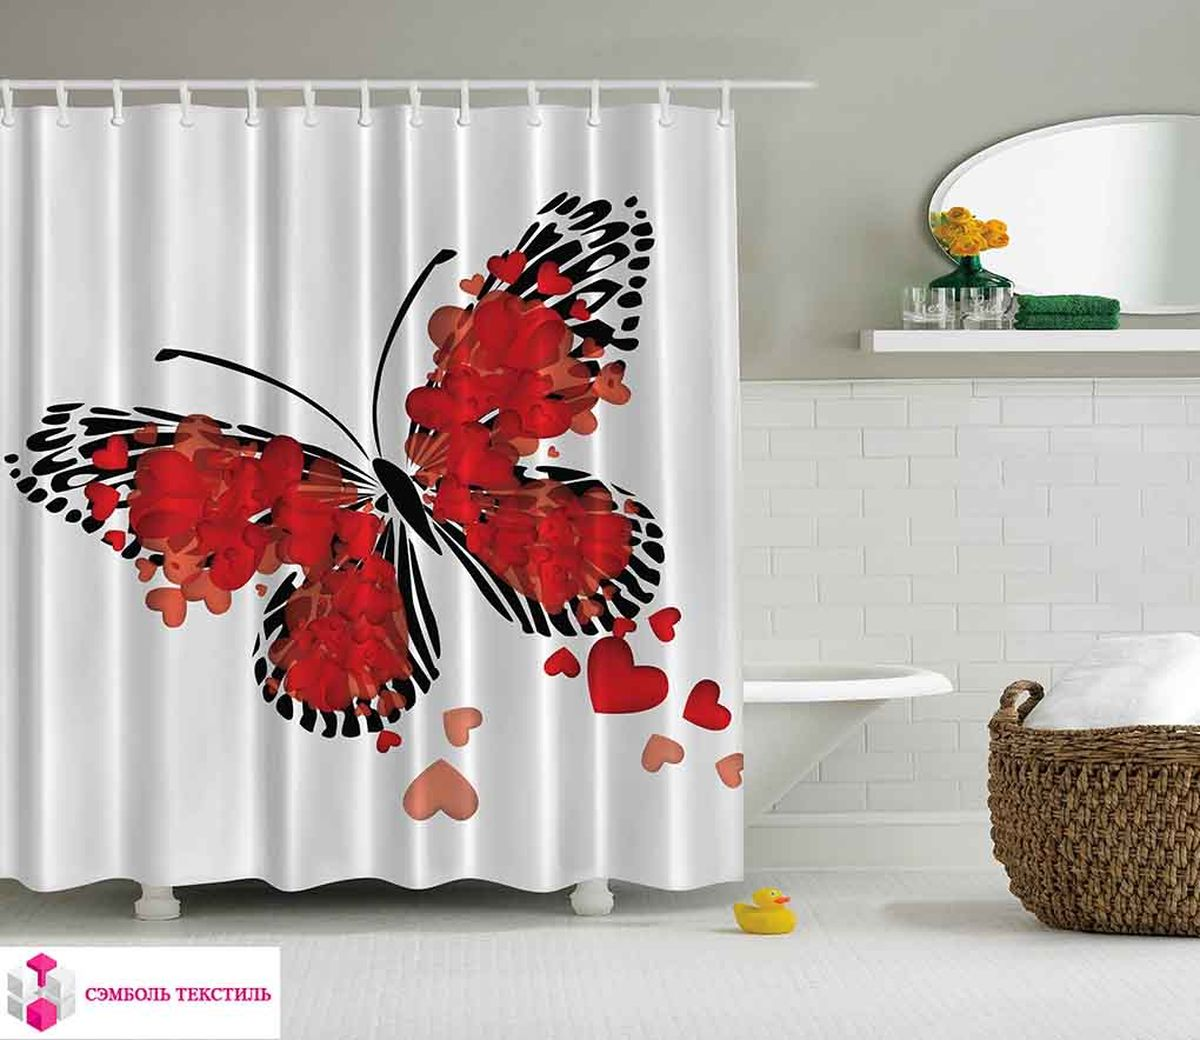 Штора для ванной комнаты Magic Lady Влюбленная бабочка, 180 х 200 смшв_2710Штора Magic Lady Влюбленная бабочка, изготовленная из высококачественного сатена (полиэстер 100%), отлично дополнит любой интерьер ванной комнаты. При изготовлении используются специальные гипоаллергенные чернила для прямой печати по ткани, безопасные для человека.В комплекте: 1 штора, 12 крючков. Обращаем ваше внимание, фактический цвет изделия может незначительно отличаться от представленного на фото.